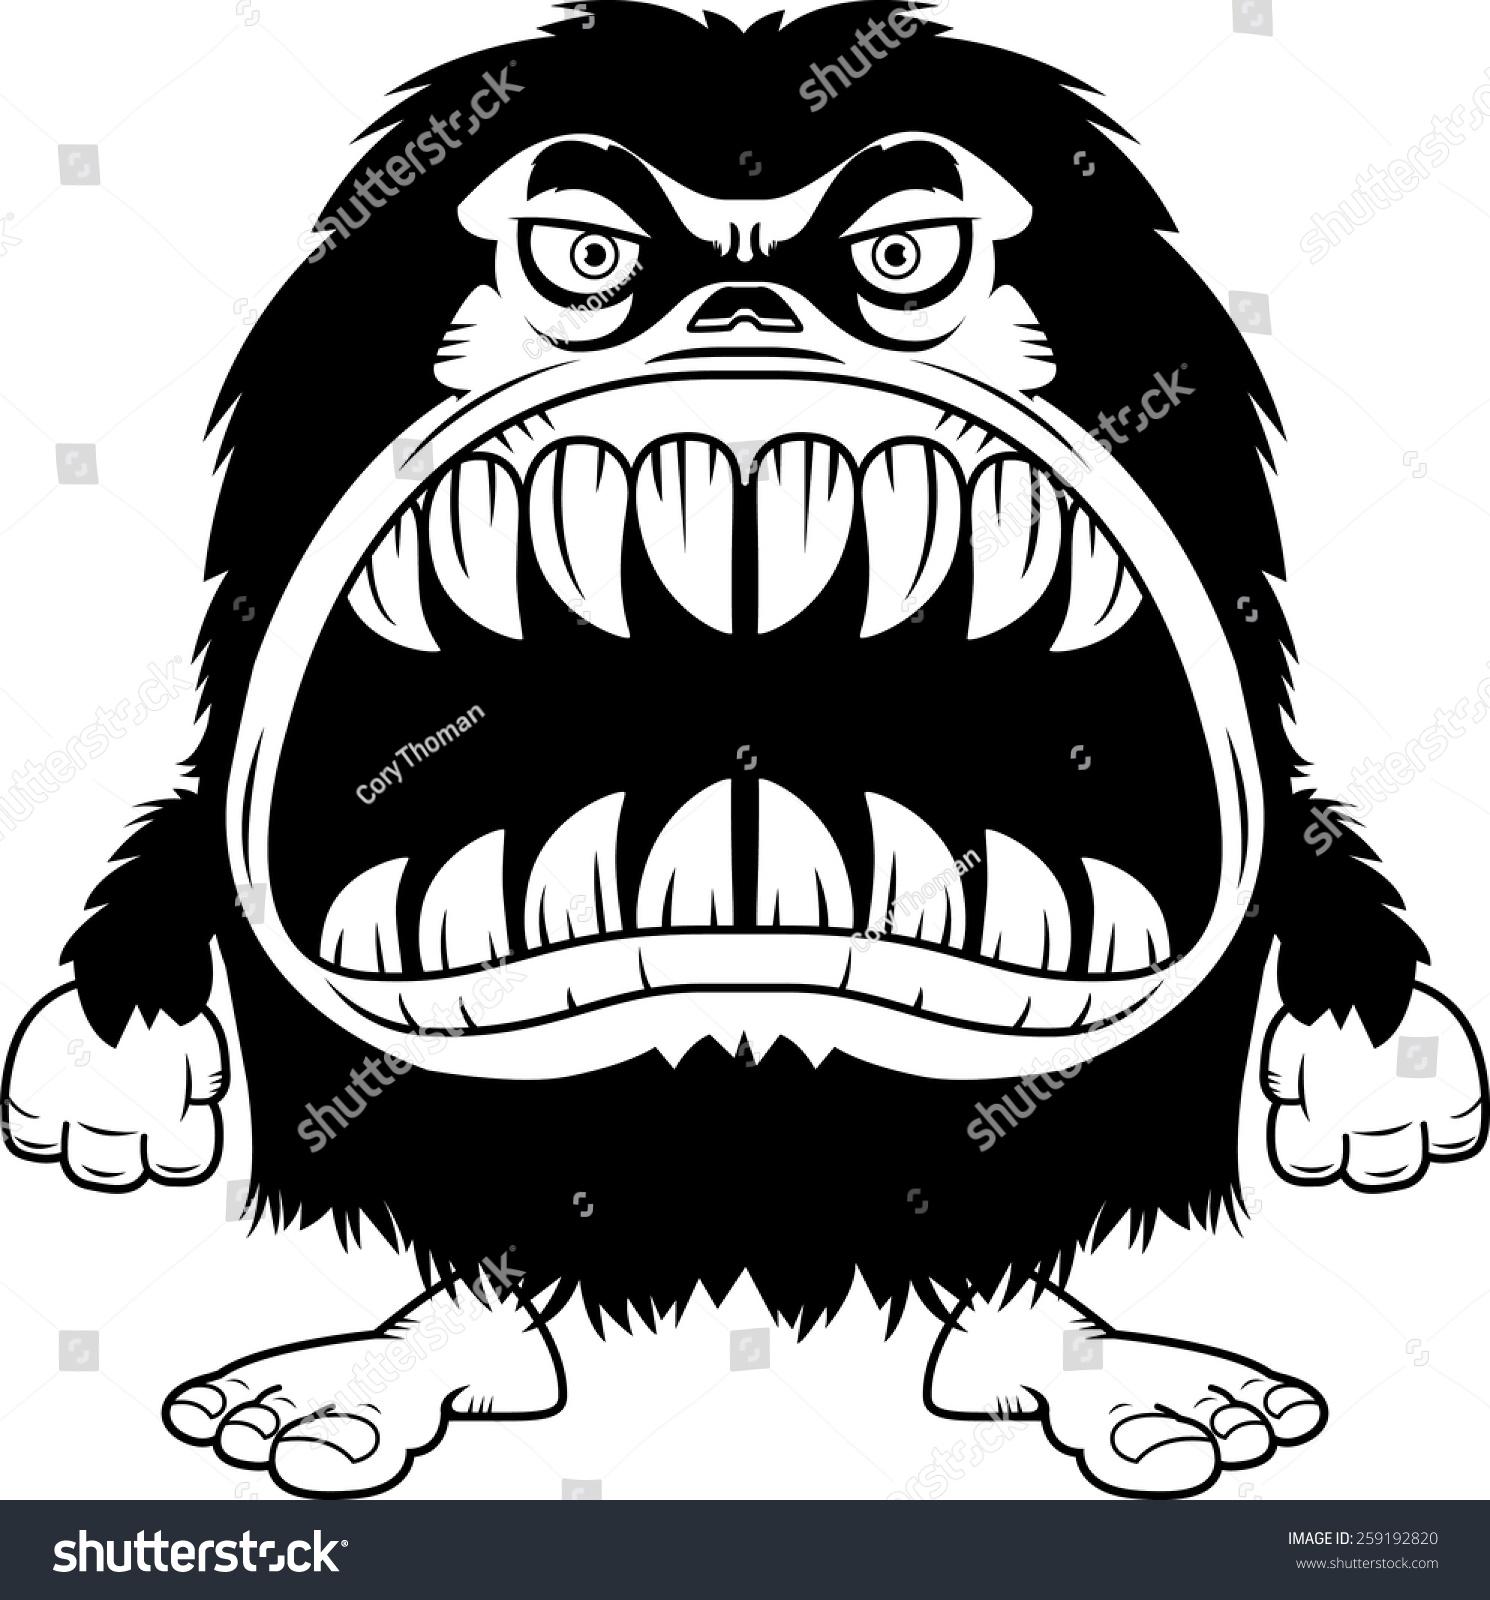 的卡通插图毛茸茸的怪物大嘴巴满的锋利的牙齿